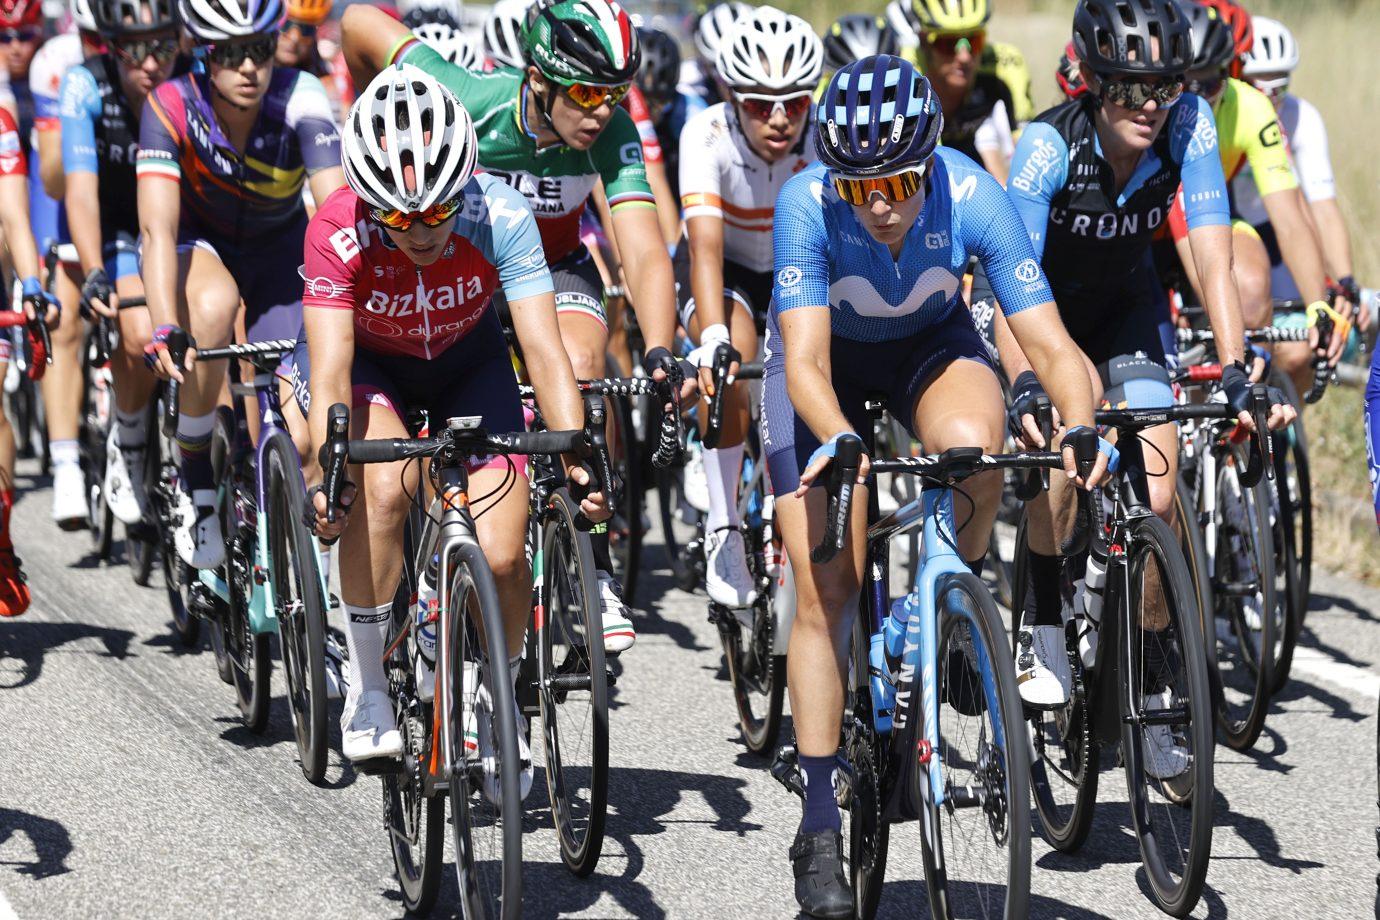 Imagen de la noticia Sheyla Gutiérrez (6th) off to fine restart in Pamplona